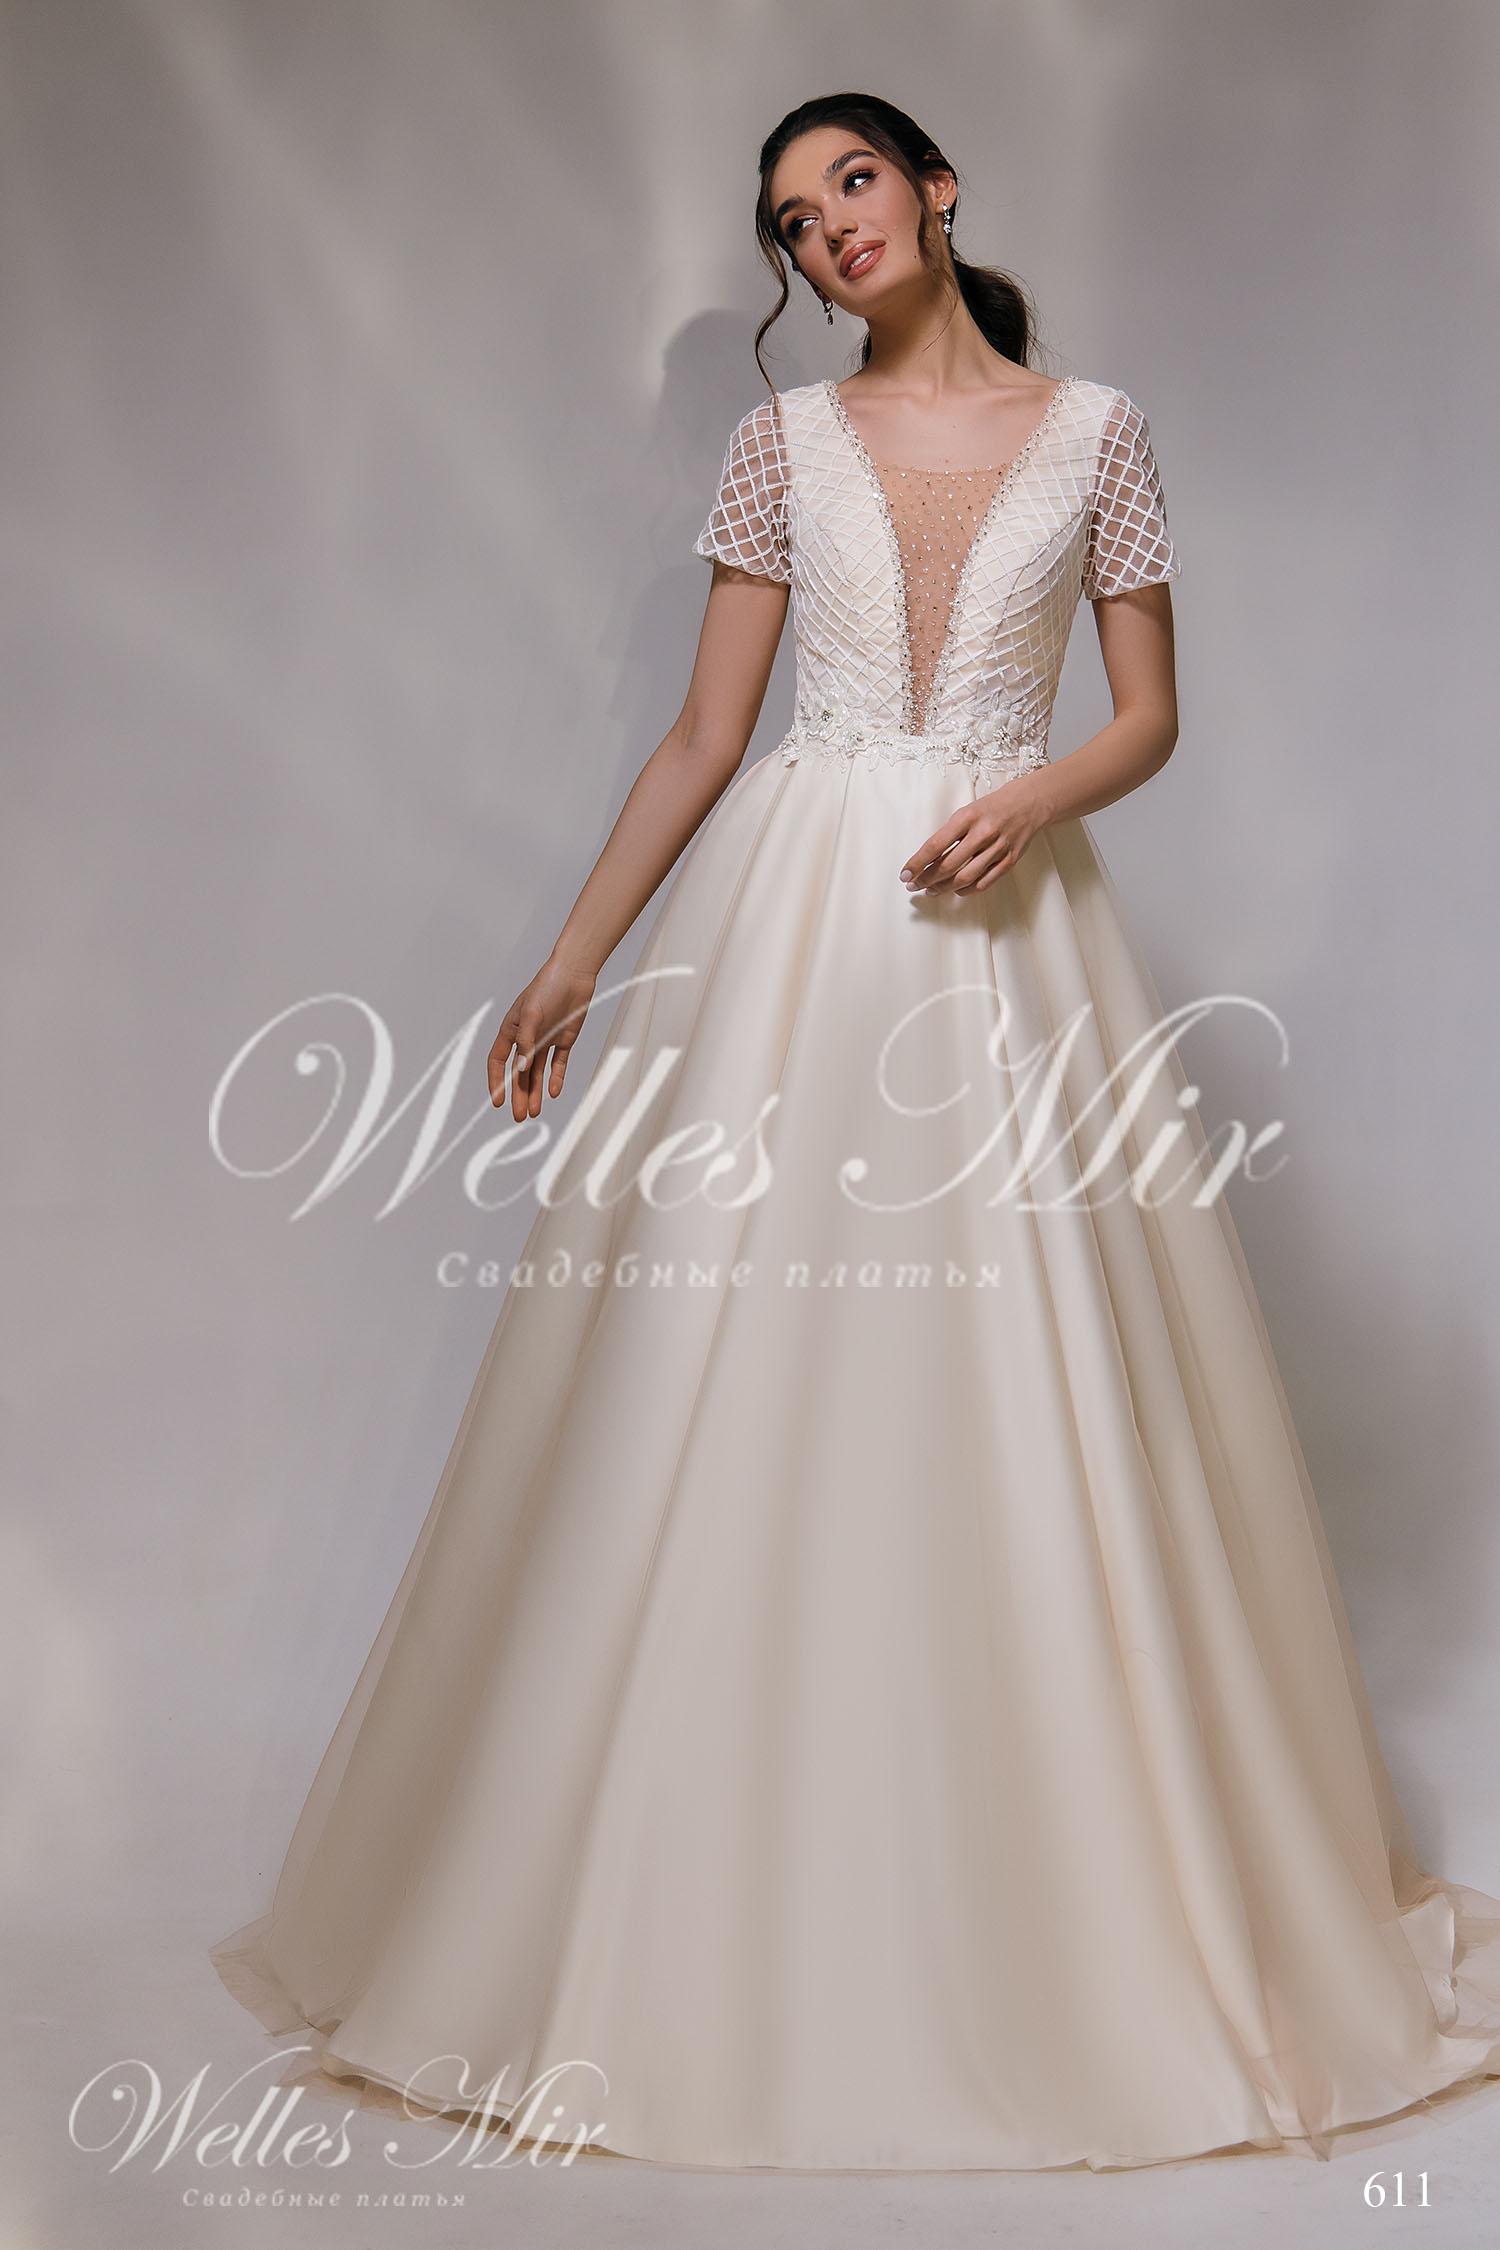 Свадебные платья Nothern Lights - 611